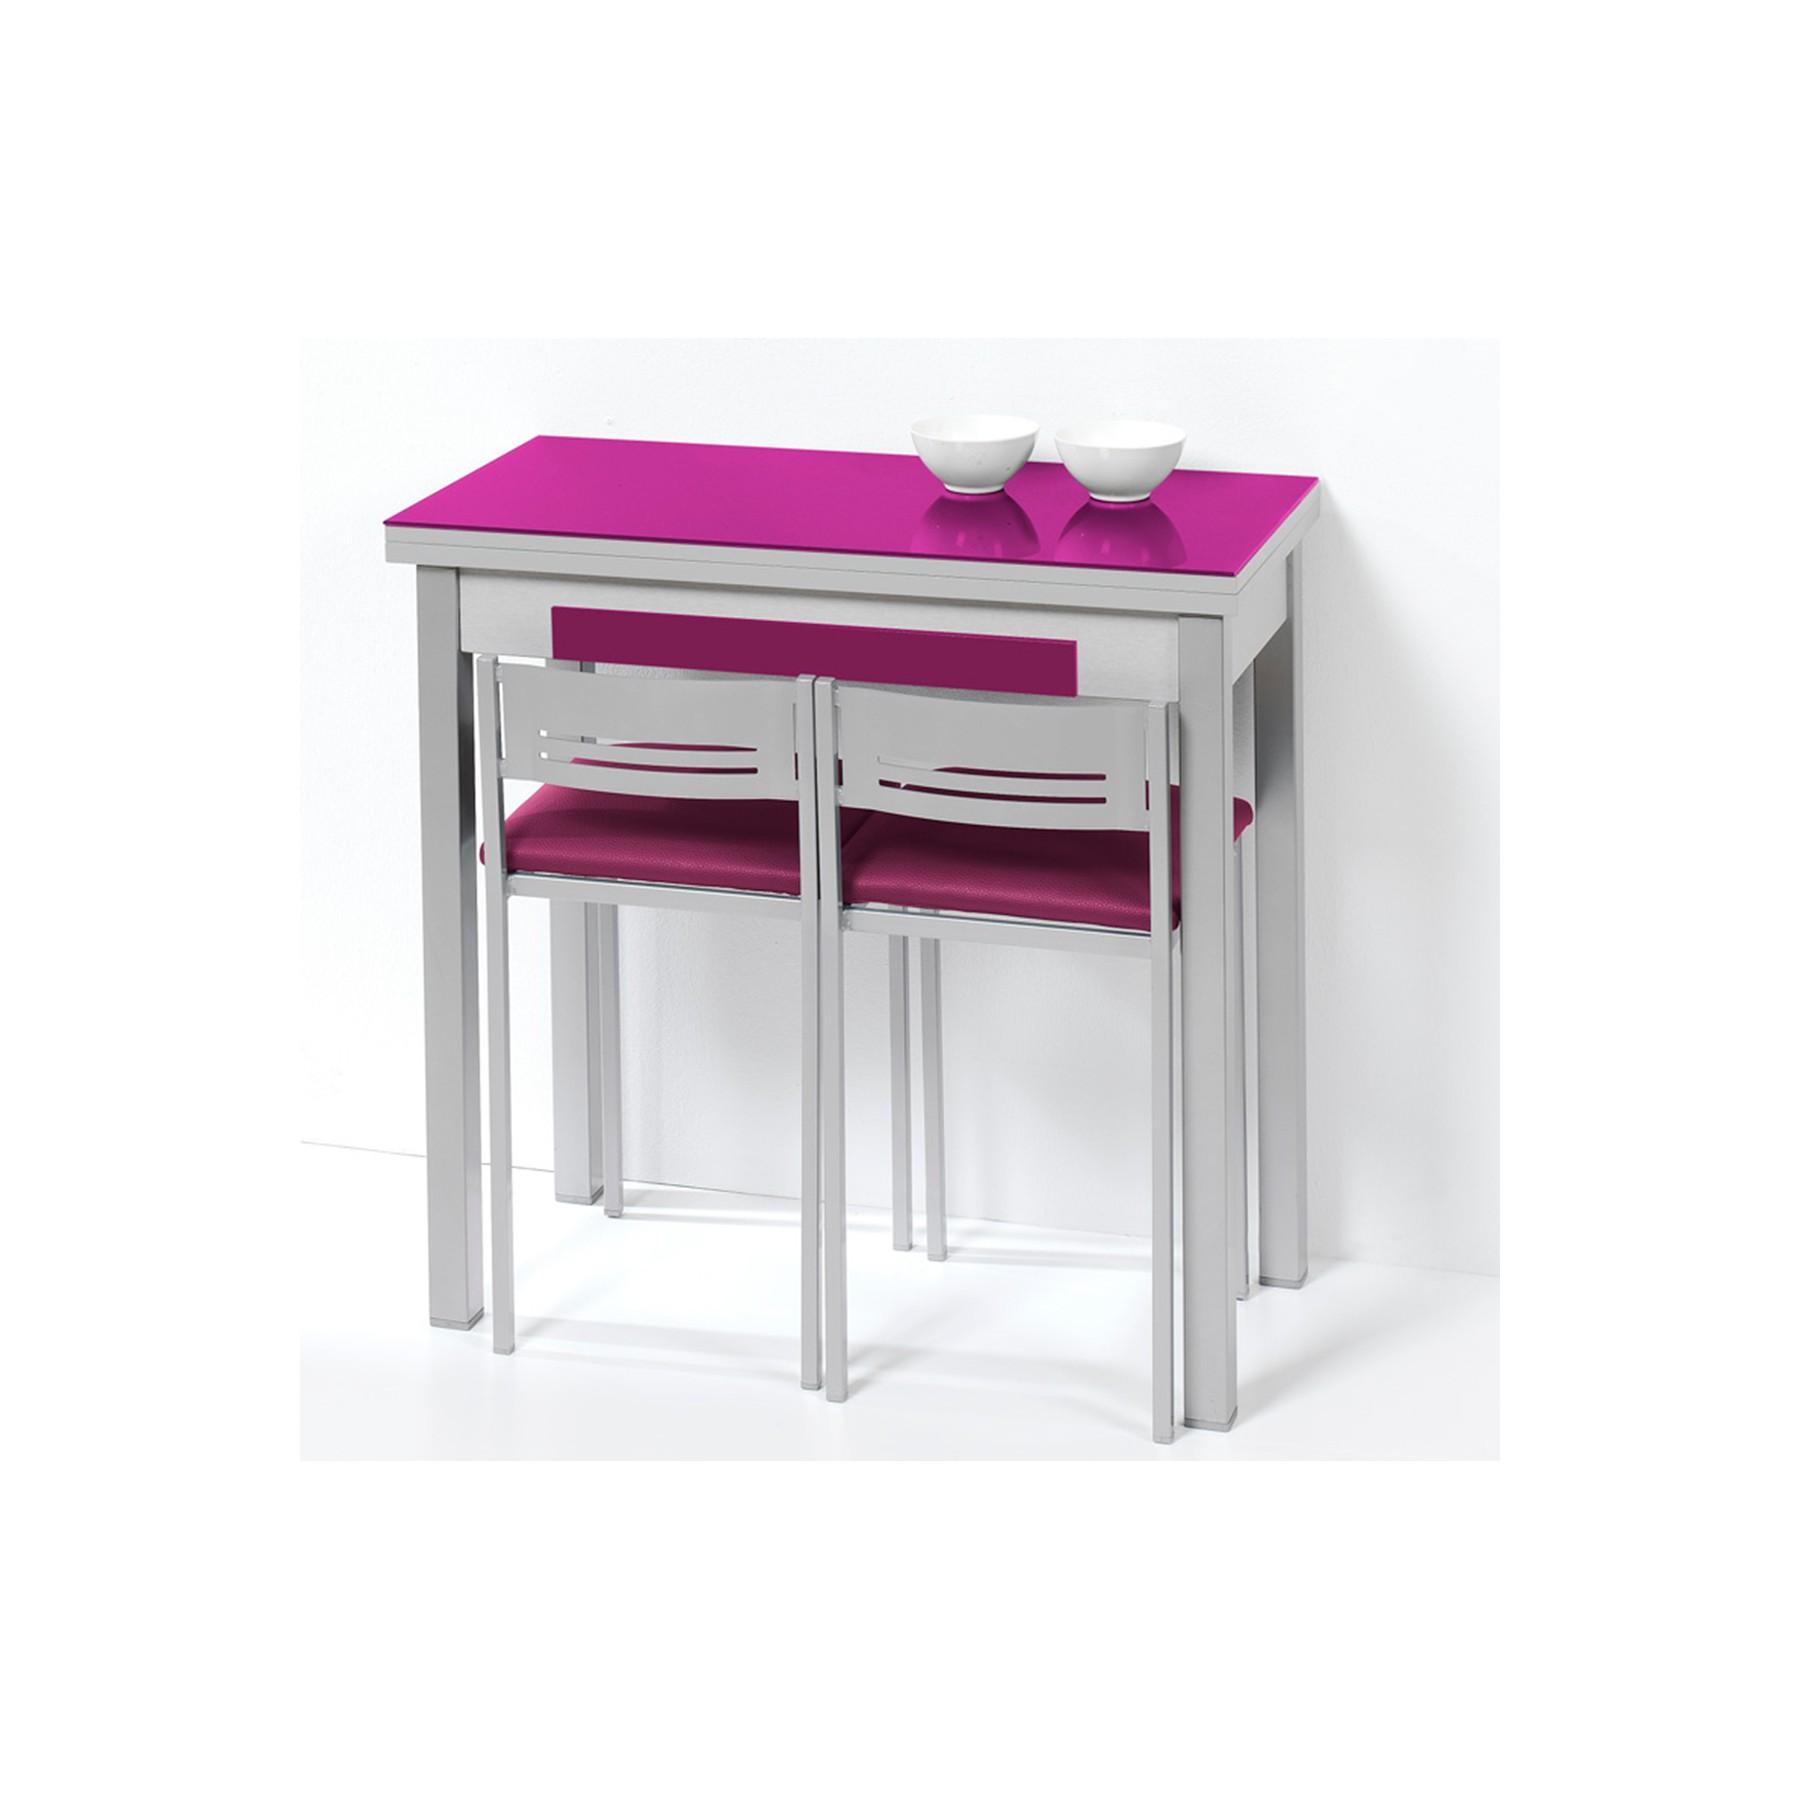 Pack de sillas de cocina con respaldo bajo modelo magic for Modelos de sillas de cocina